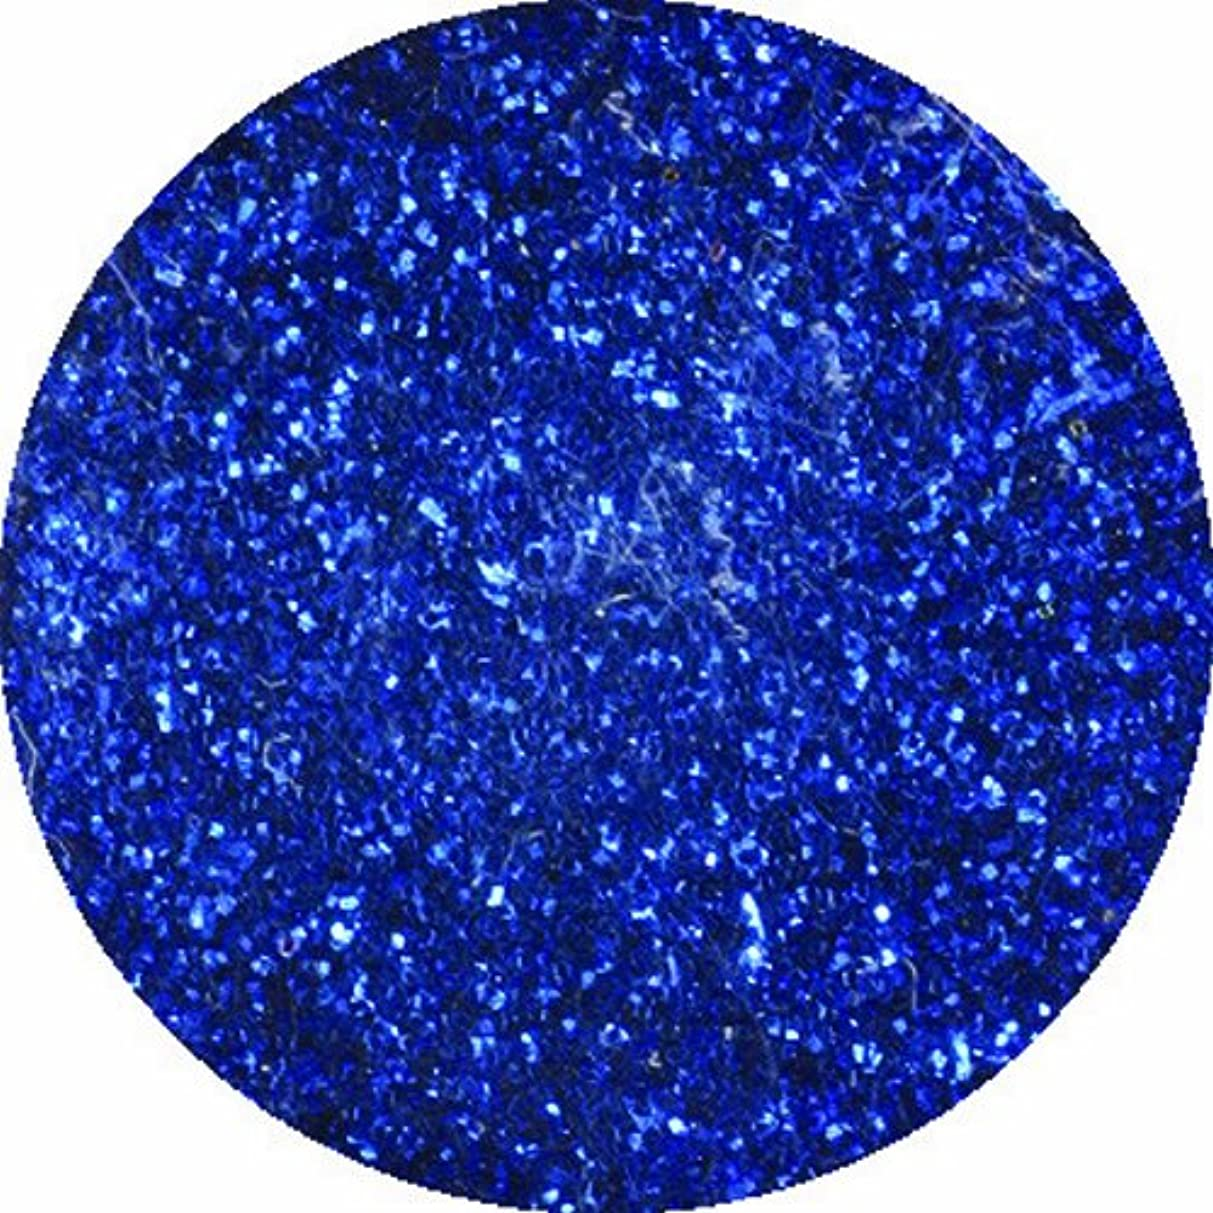 偽善放散する自己尊重ビューティーネイラー ネイル用パウダー 黒崎えり子 ジュエリーコレクション ブルー0.05mm